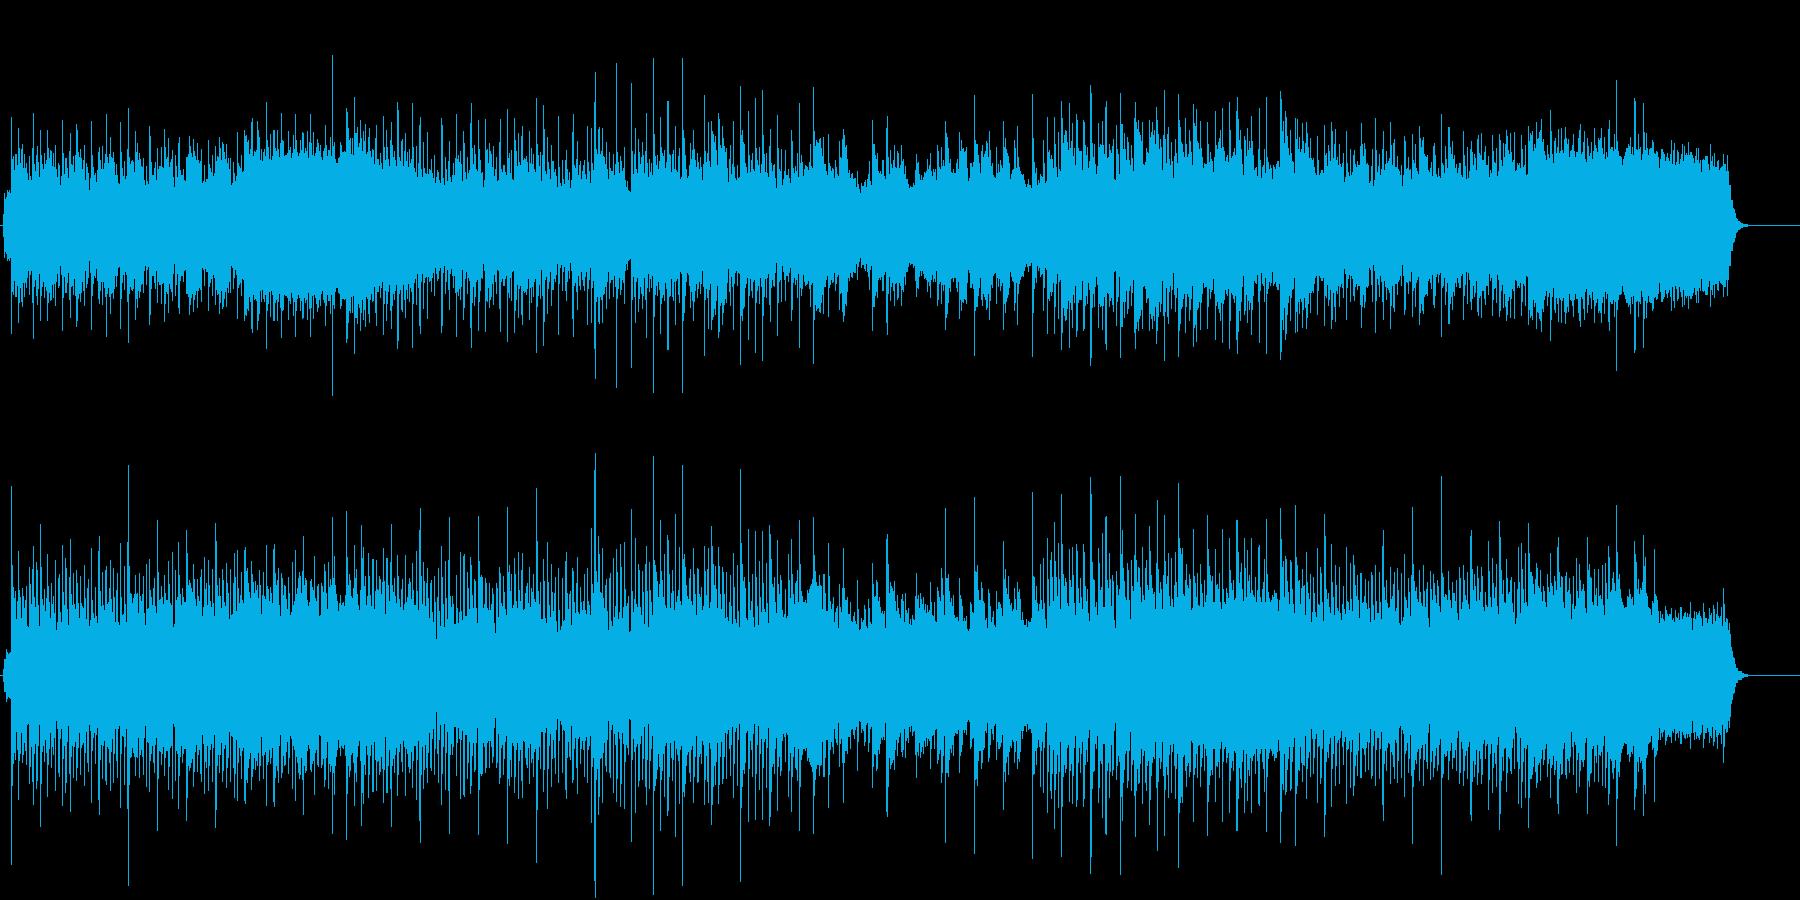 青春の応援歌をイメージした曲です。ピア…の再生済みの波形